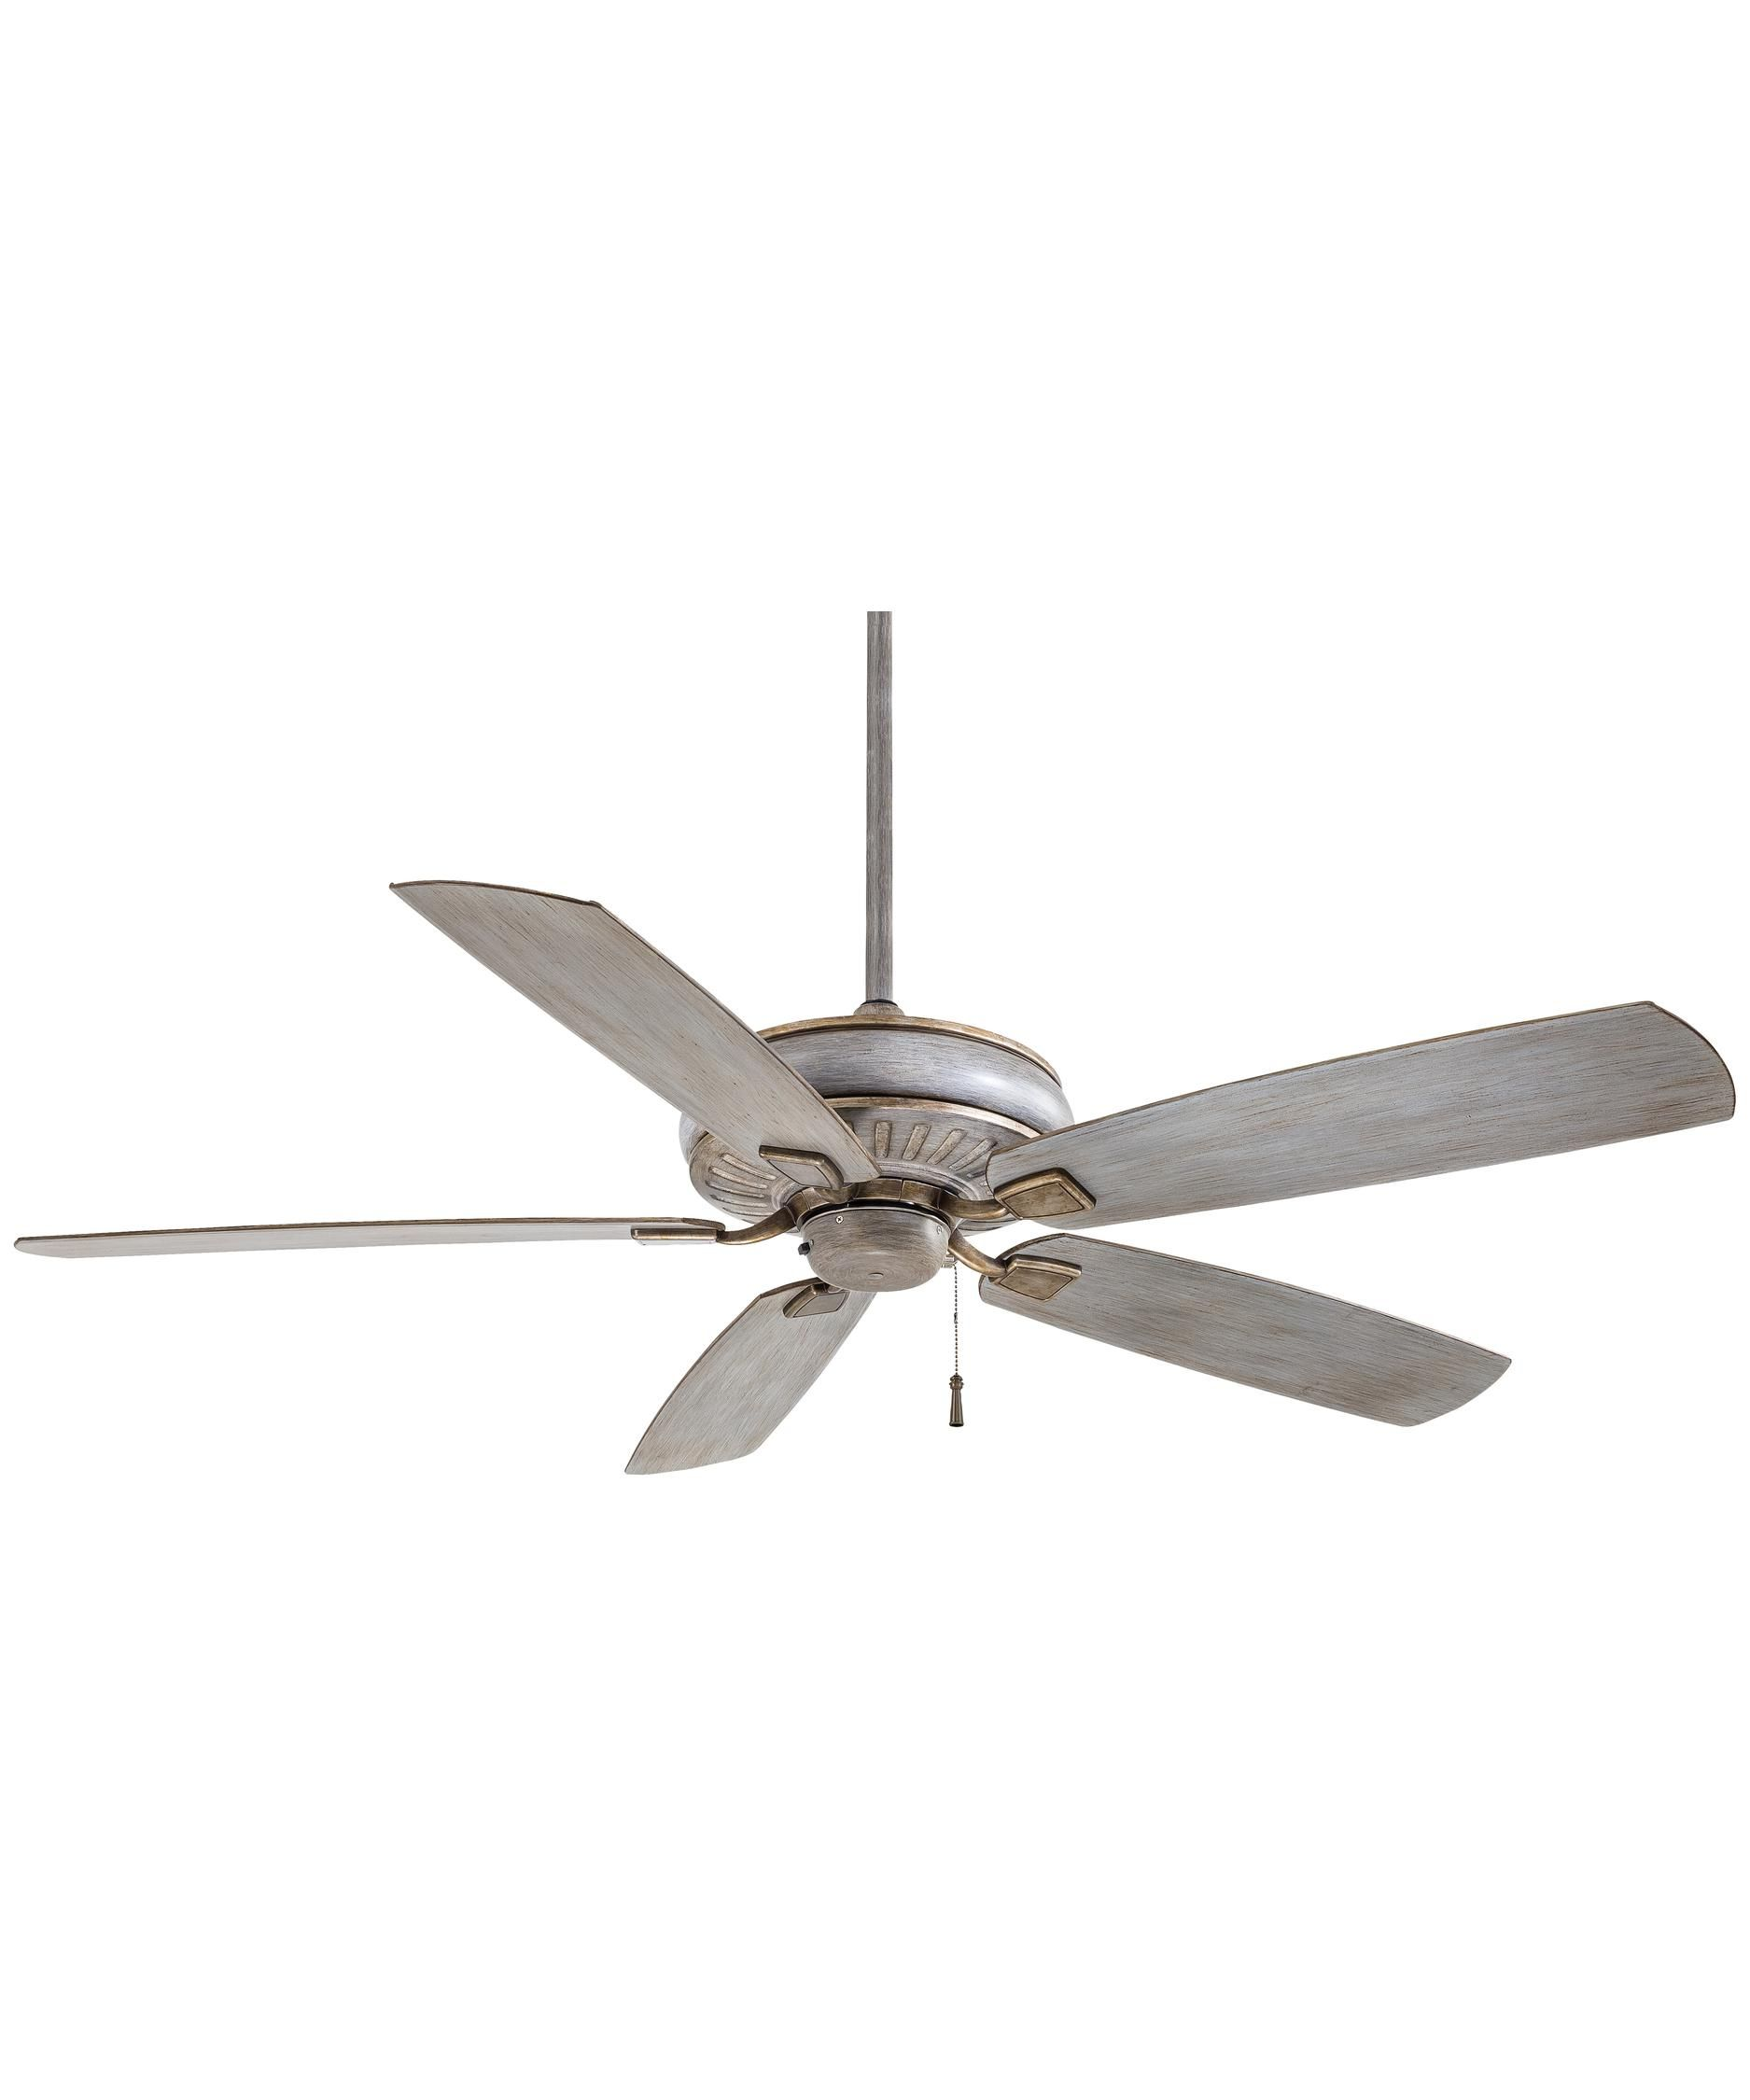 Minka Aire F532 Sunseeker 60 Inch Ceiling Fan 60 Inch Ceiling